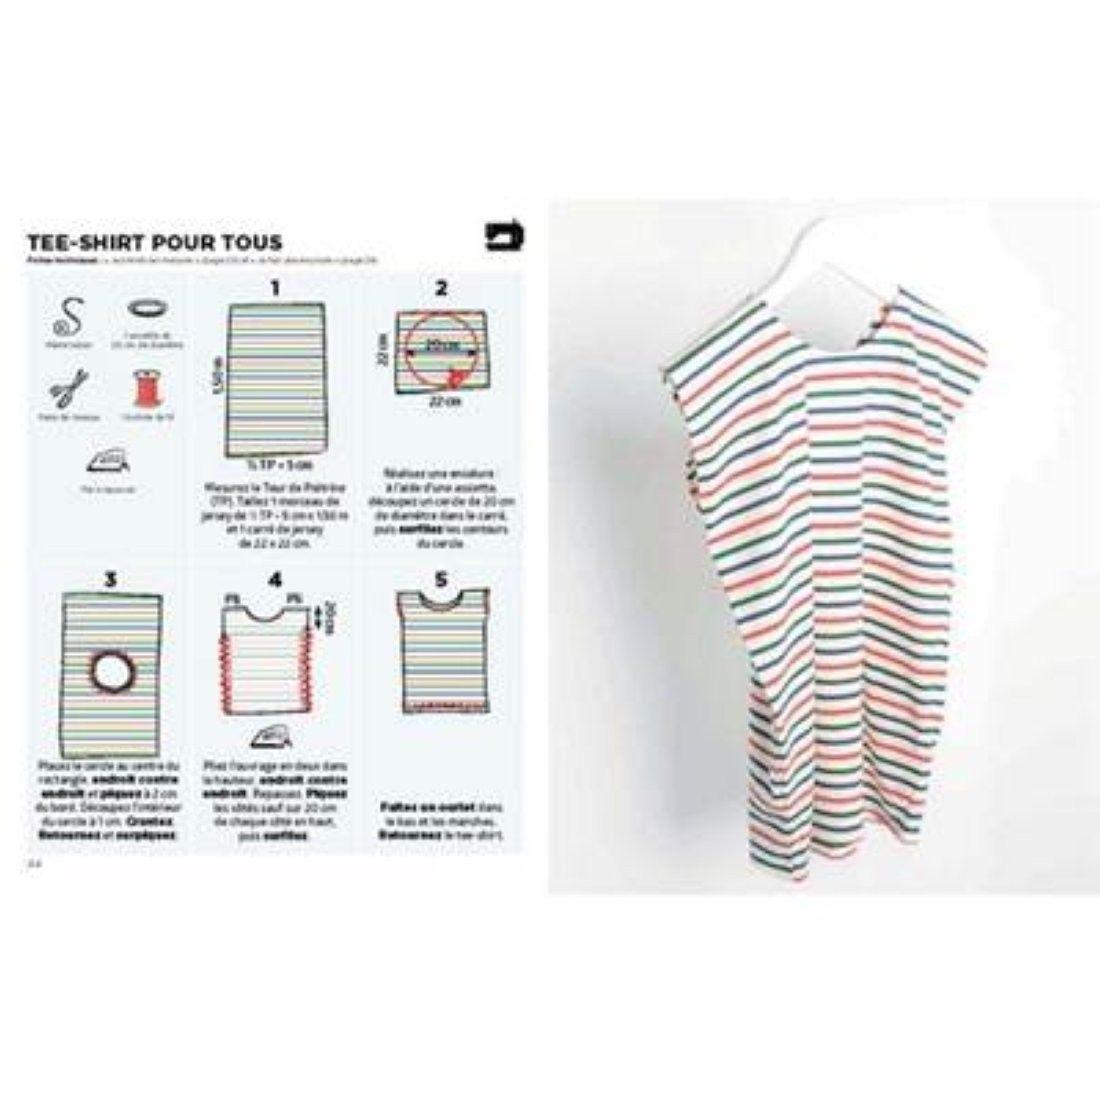 Livre Simplissime Livre De Couture Le Facile Du Monde Livre Couture Couture Facile Robe Couture Facile